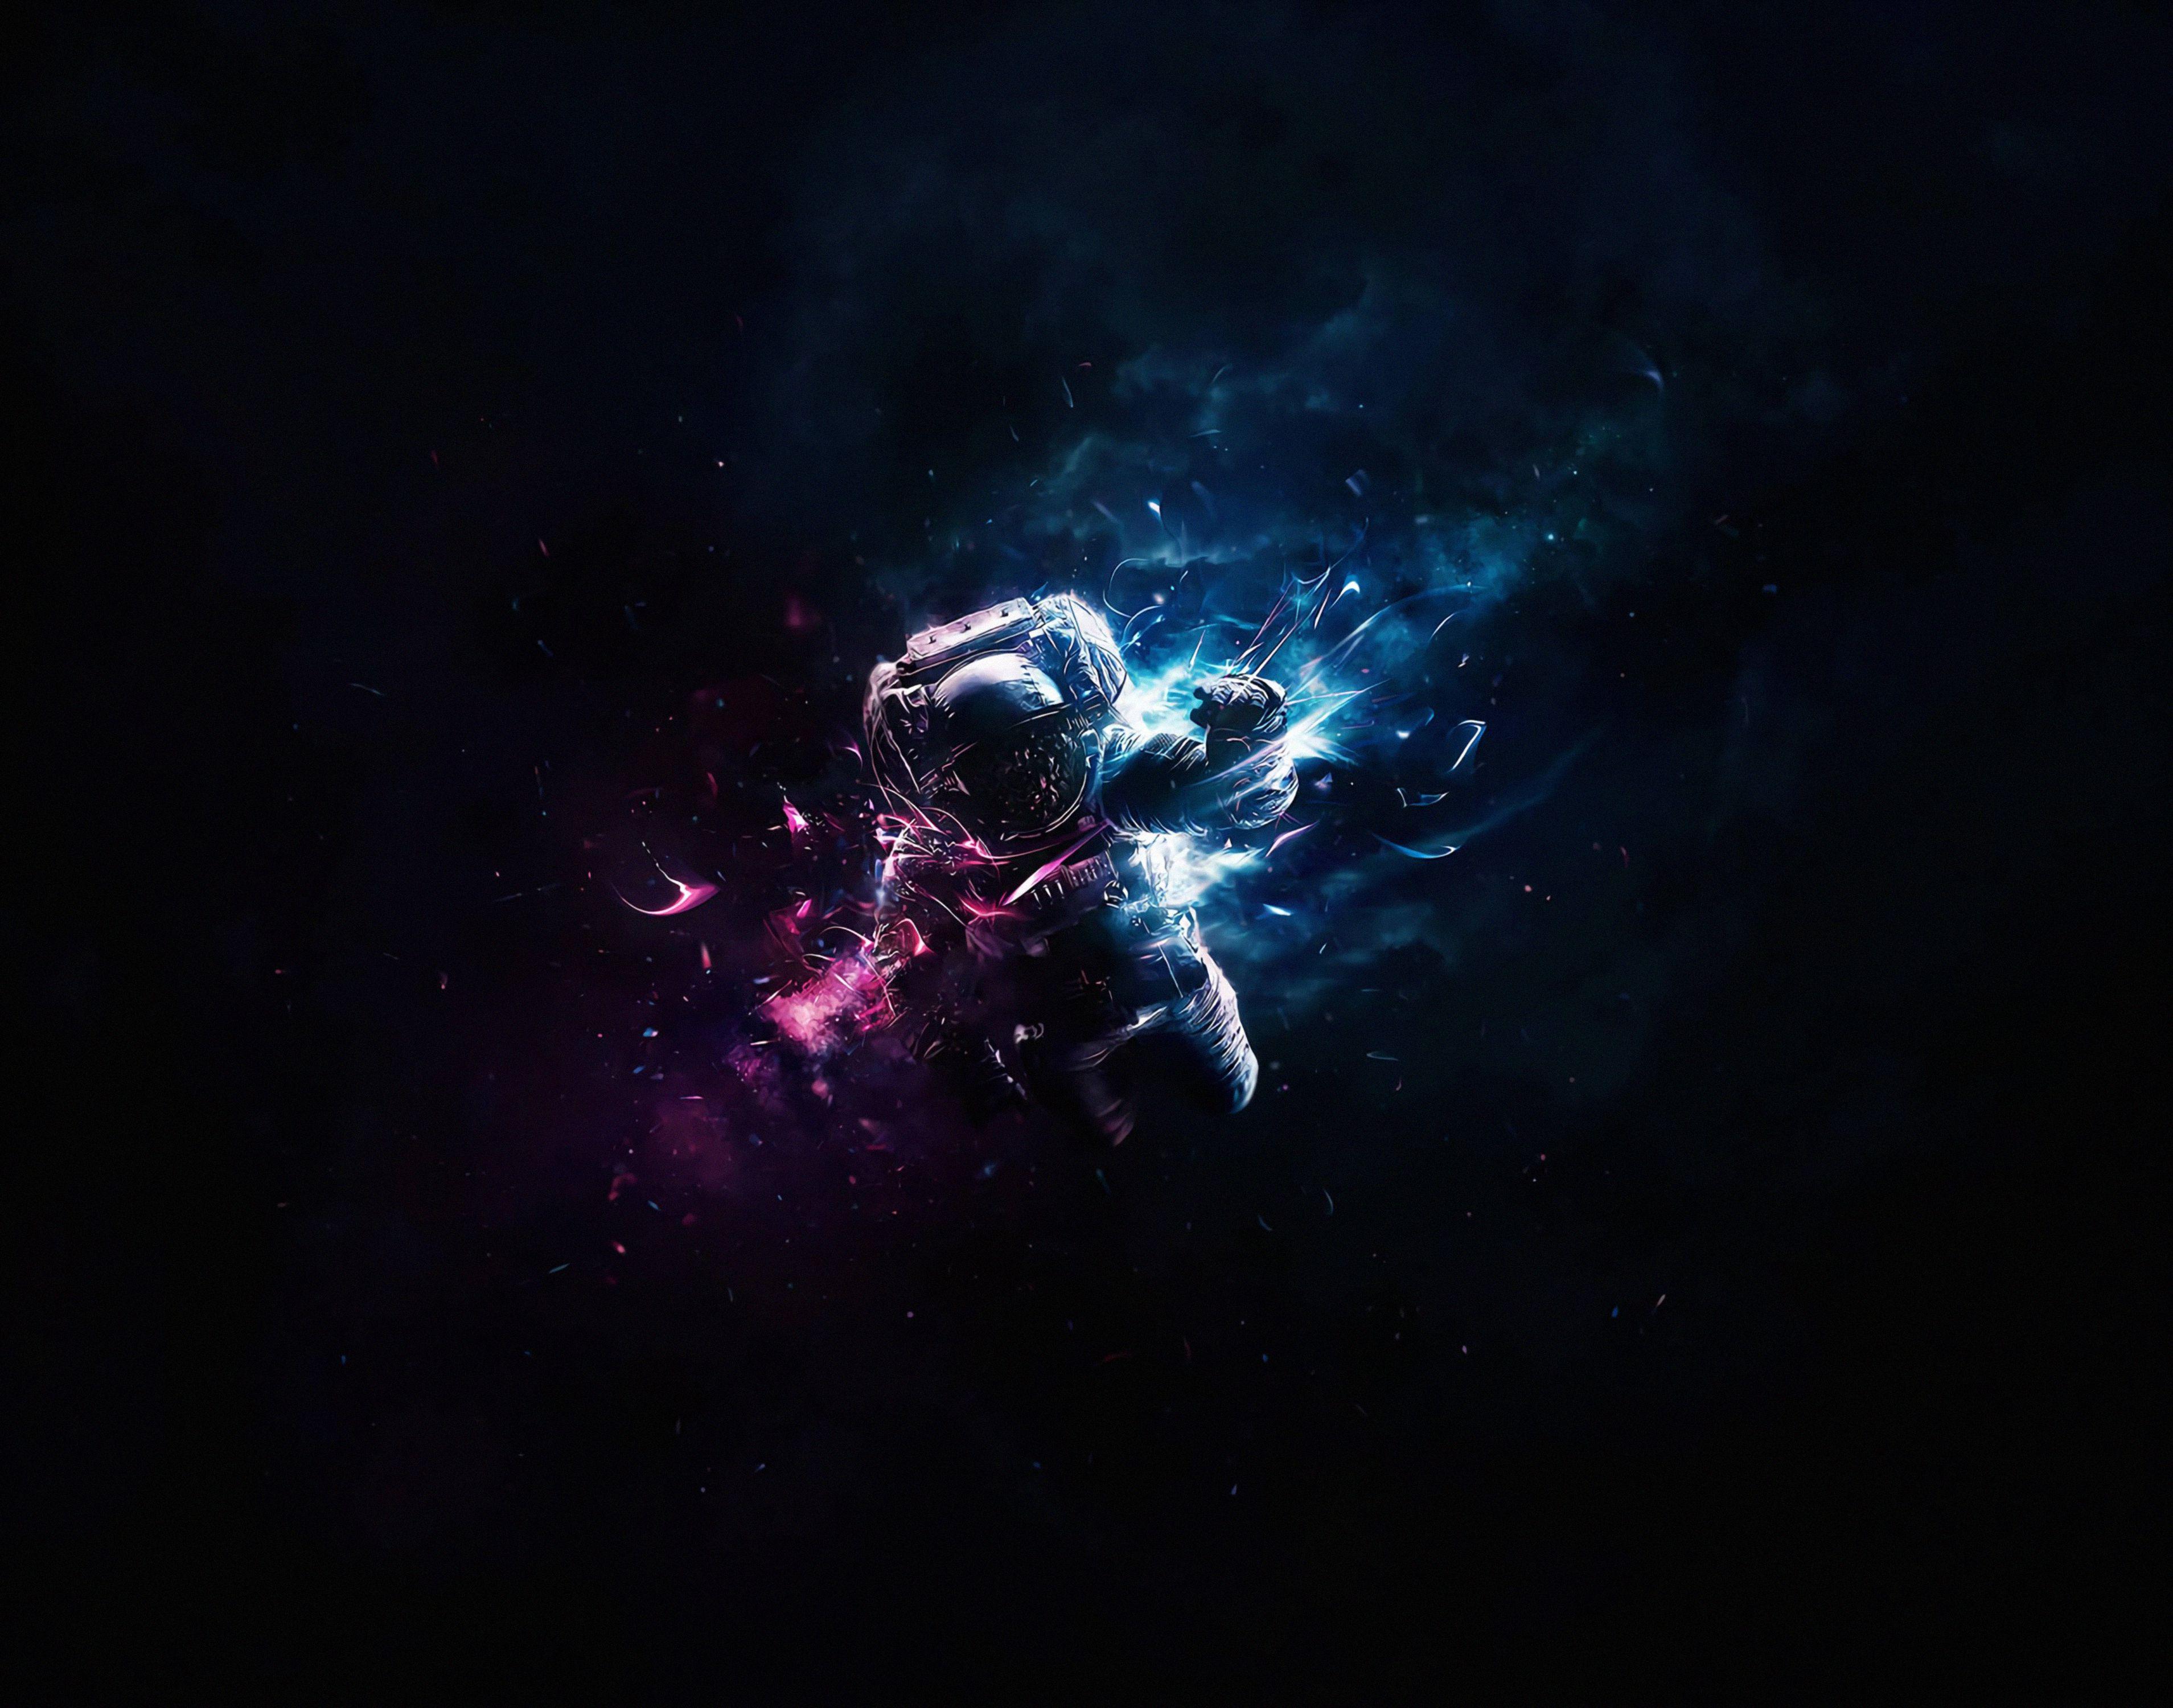 57624 скачать обои Космос, Полет, Космонавт, Арт, Астронавт, Гравитация - заставки и картинки бесплатно